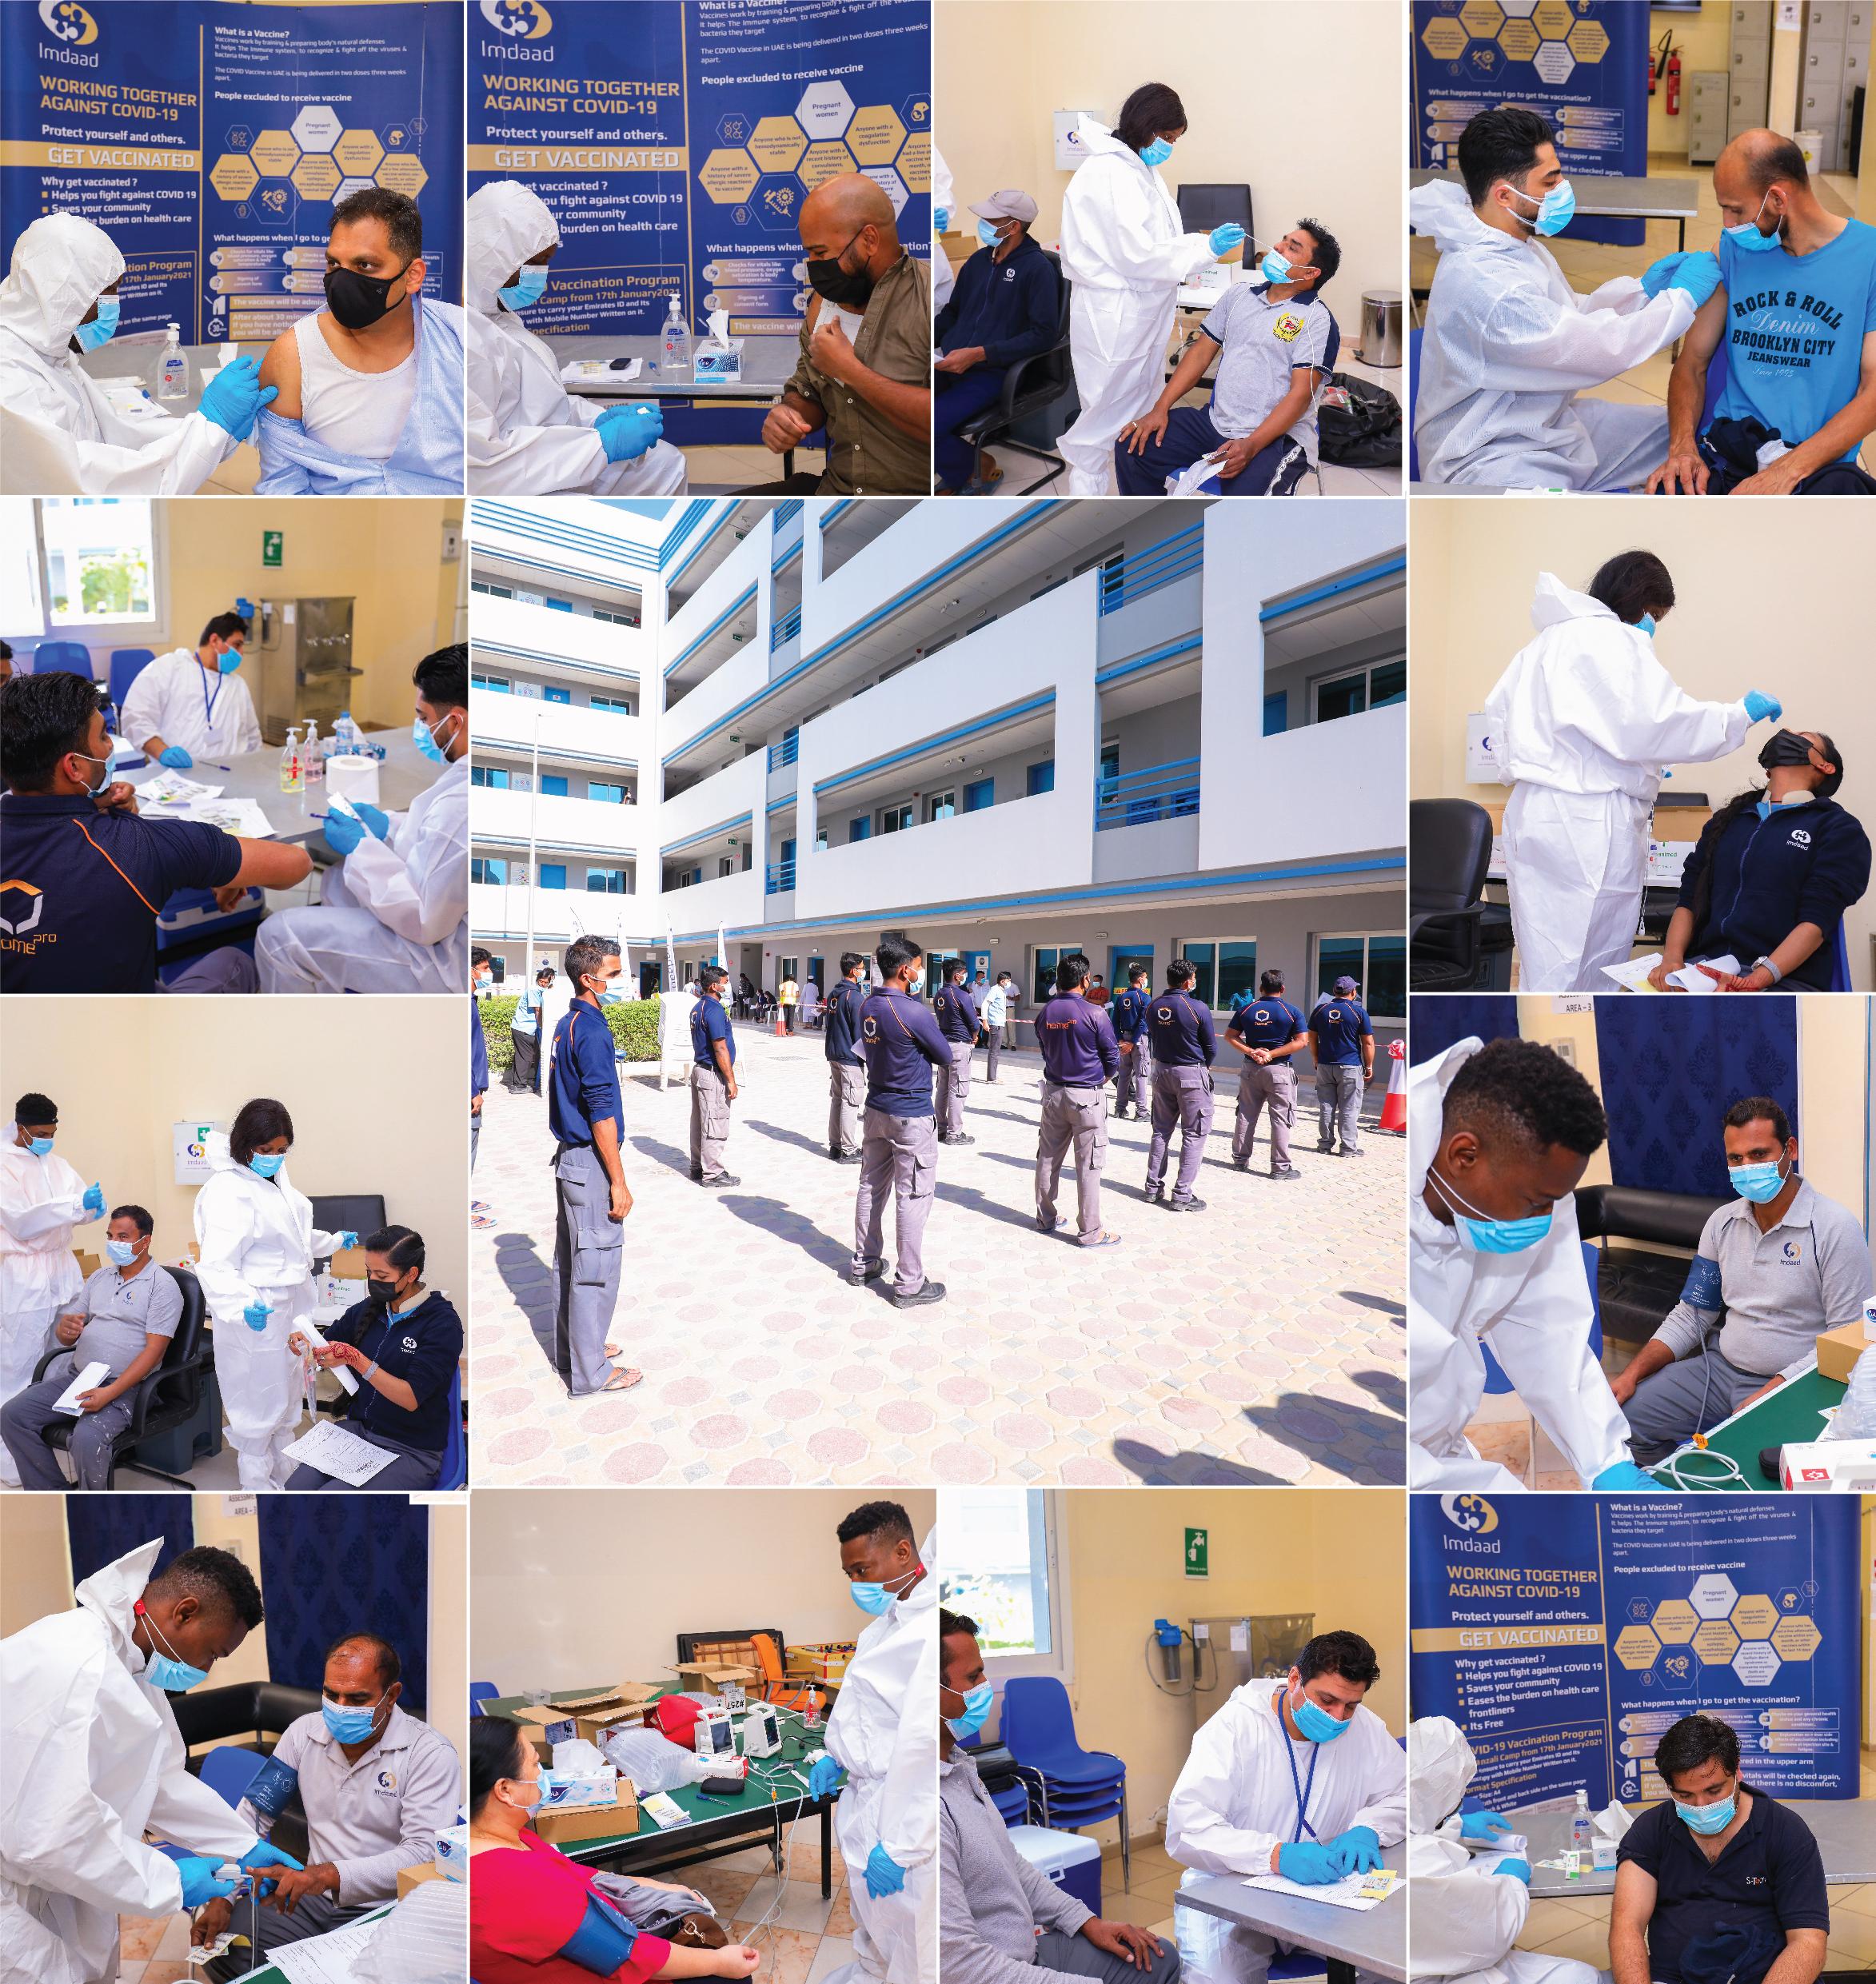 Imdaad Immunises Workforce Against COVID-19